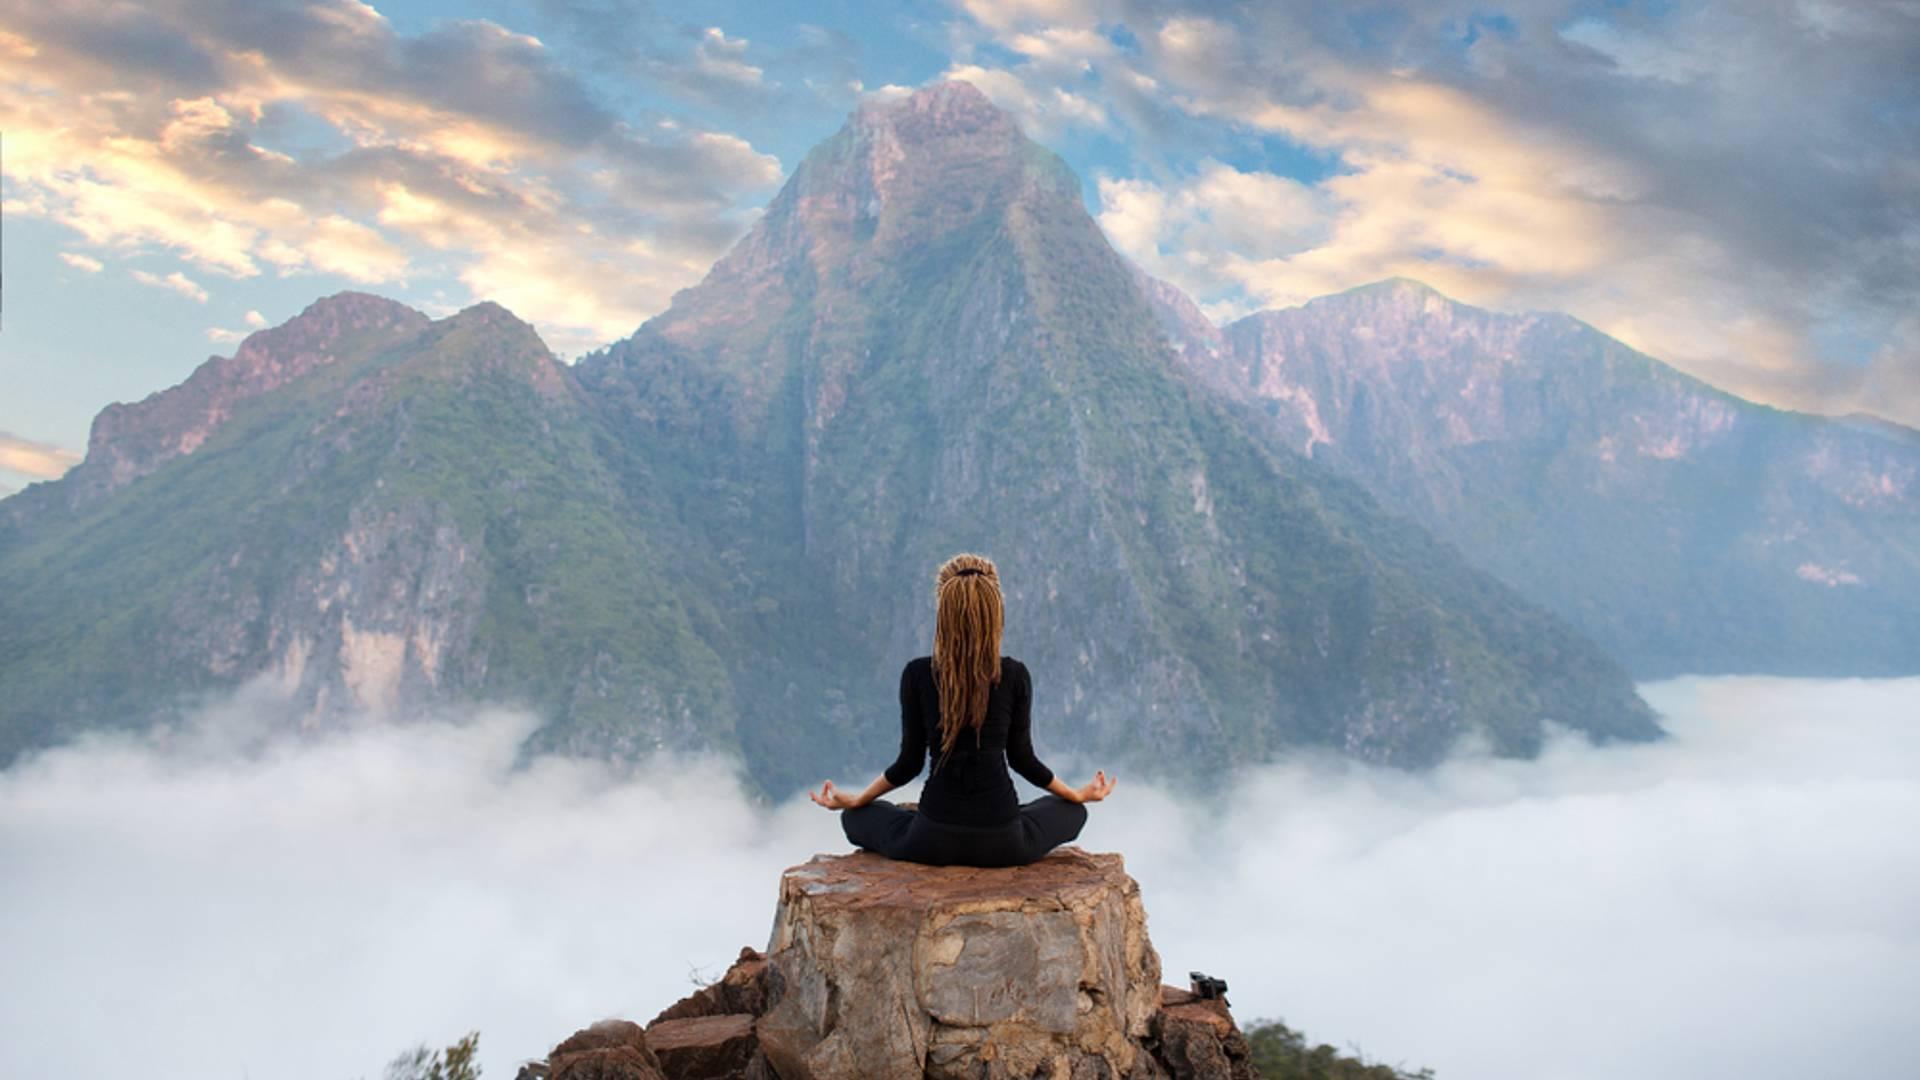 Yoga-Urlaub entspannt und aktiv